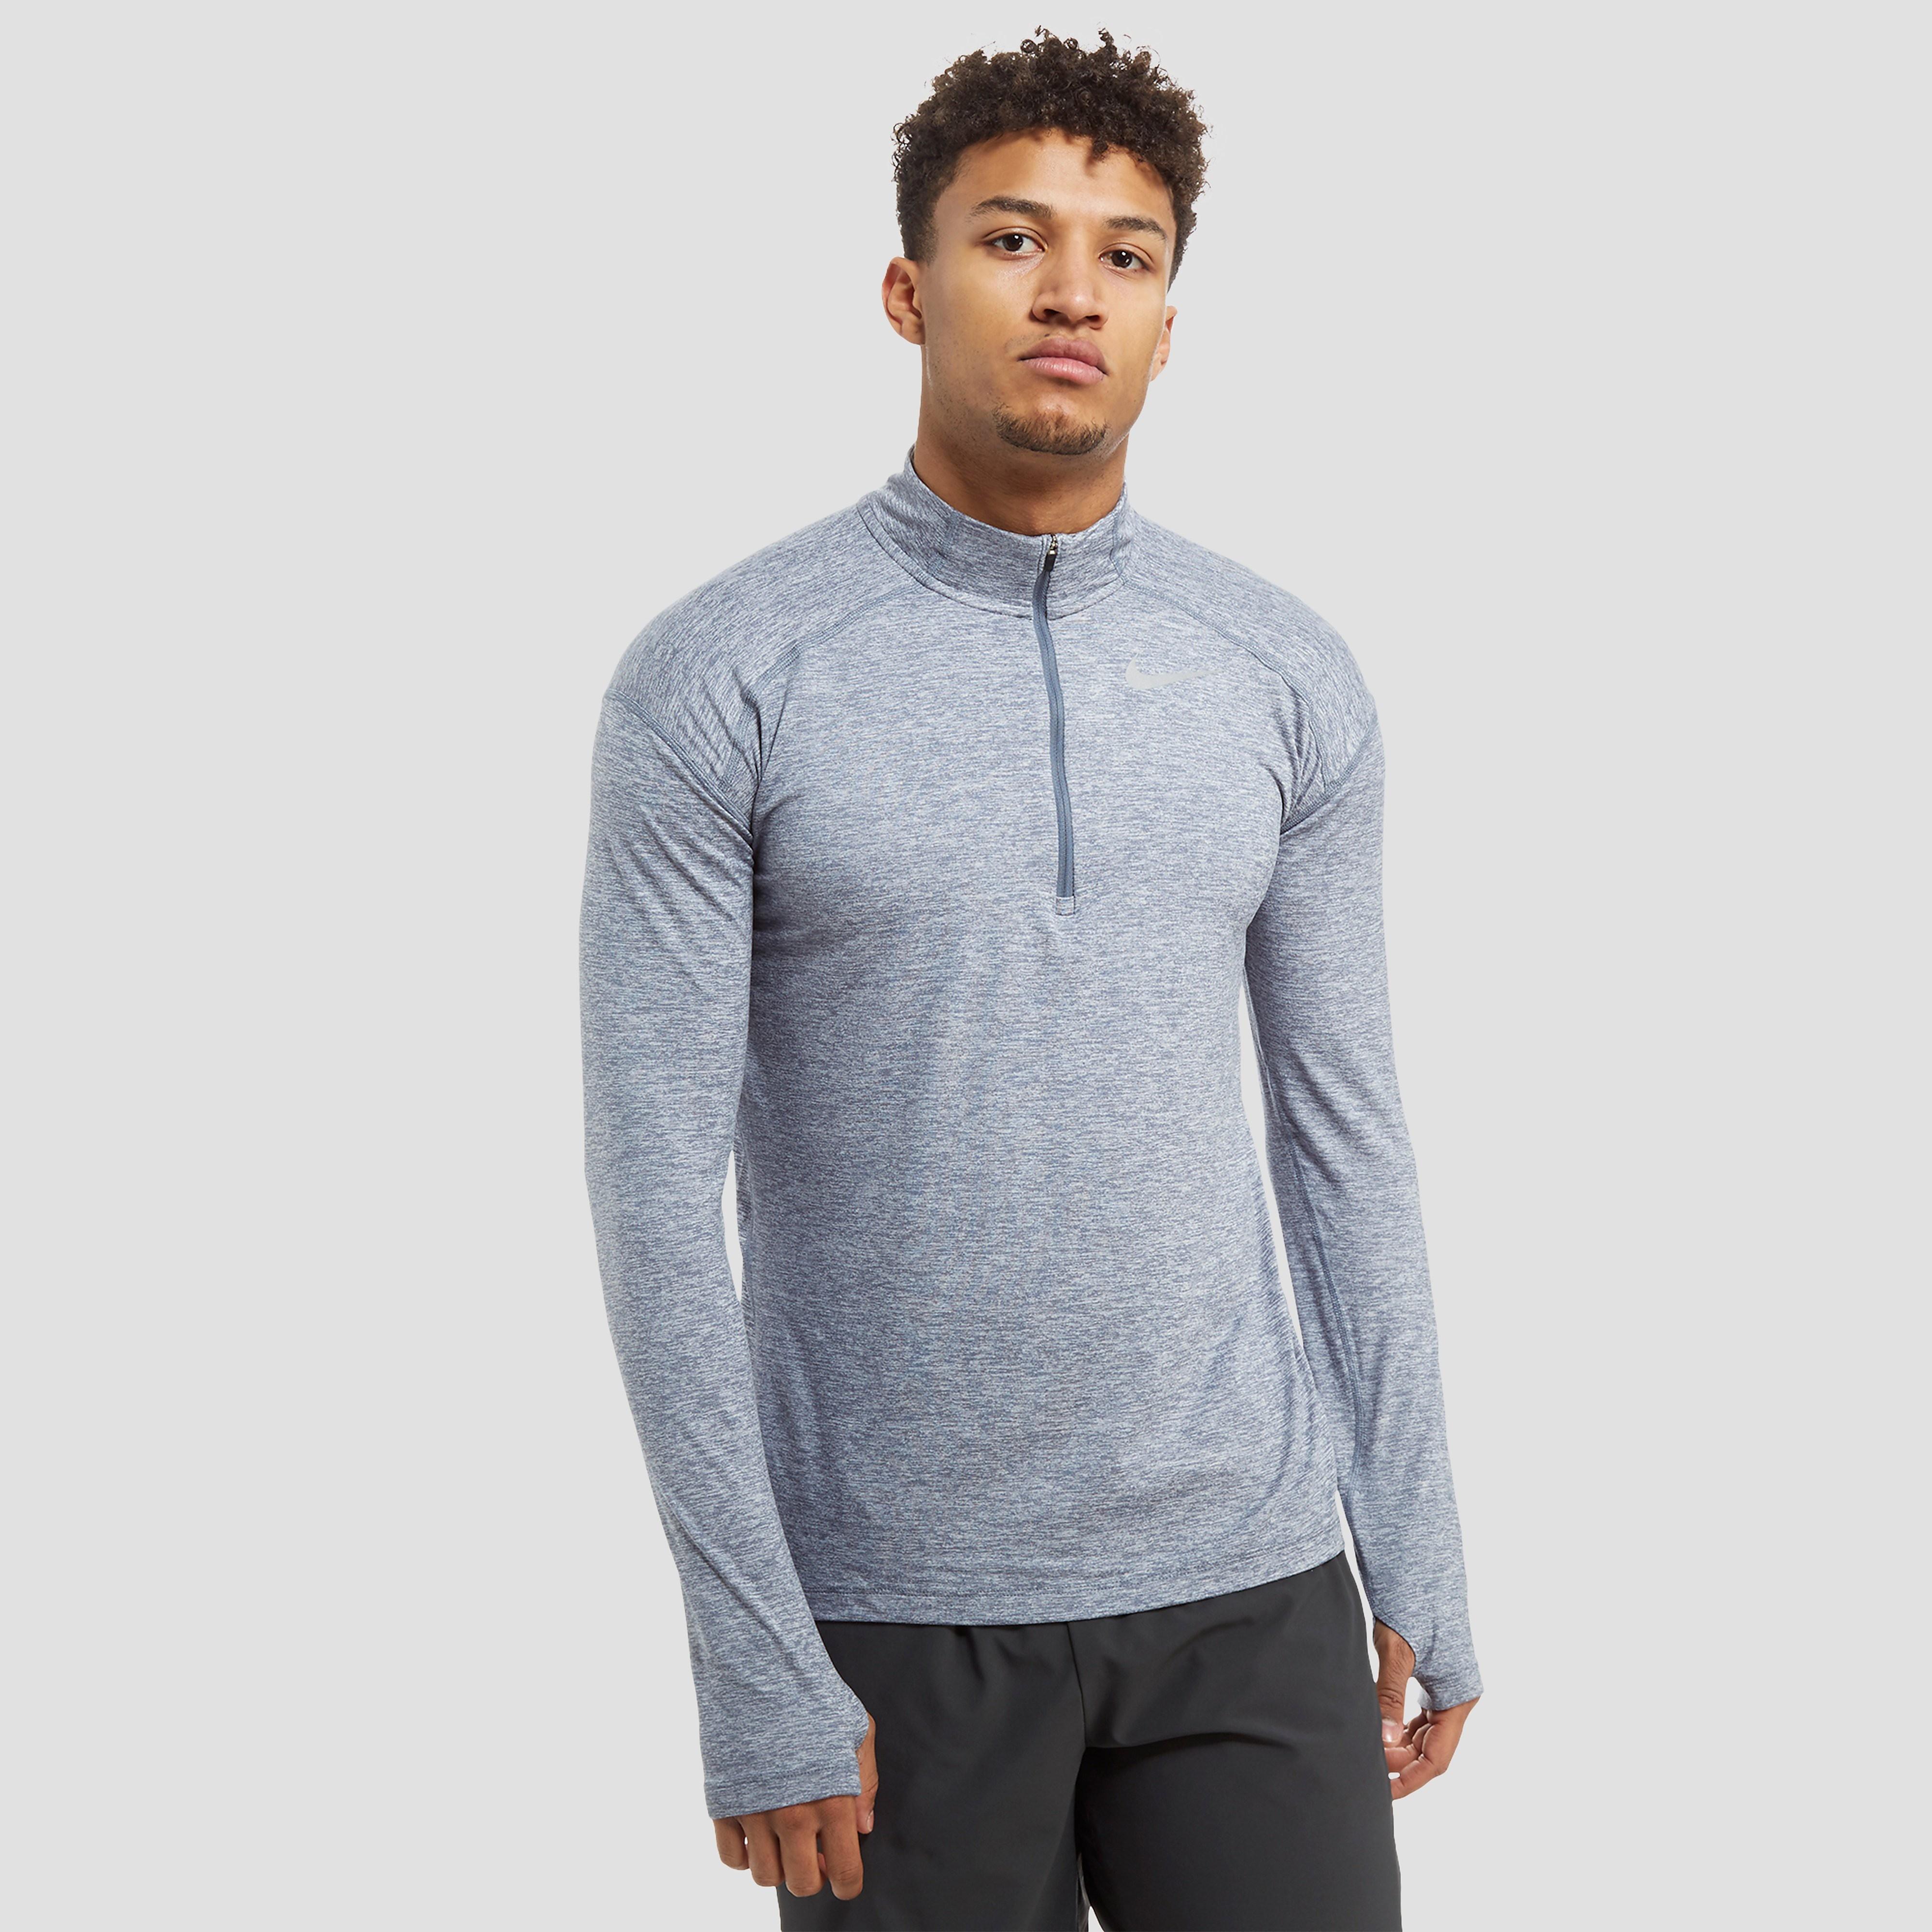 Nike Dry Element 1/2 Zip Men's Running Top